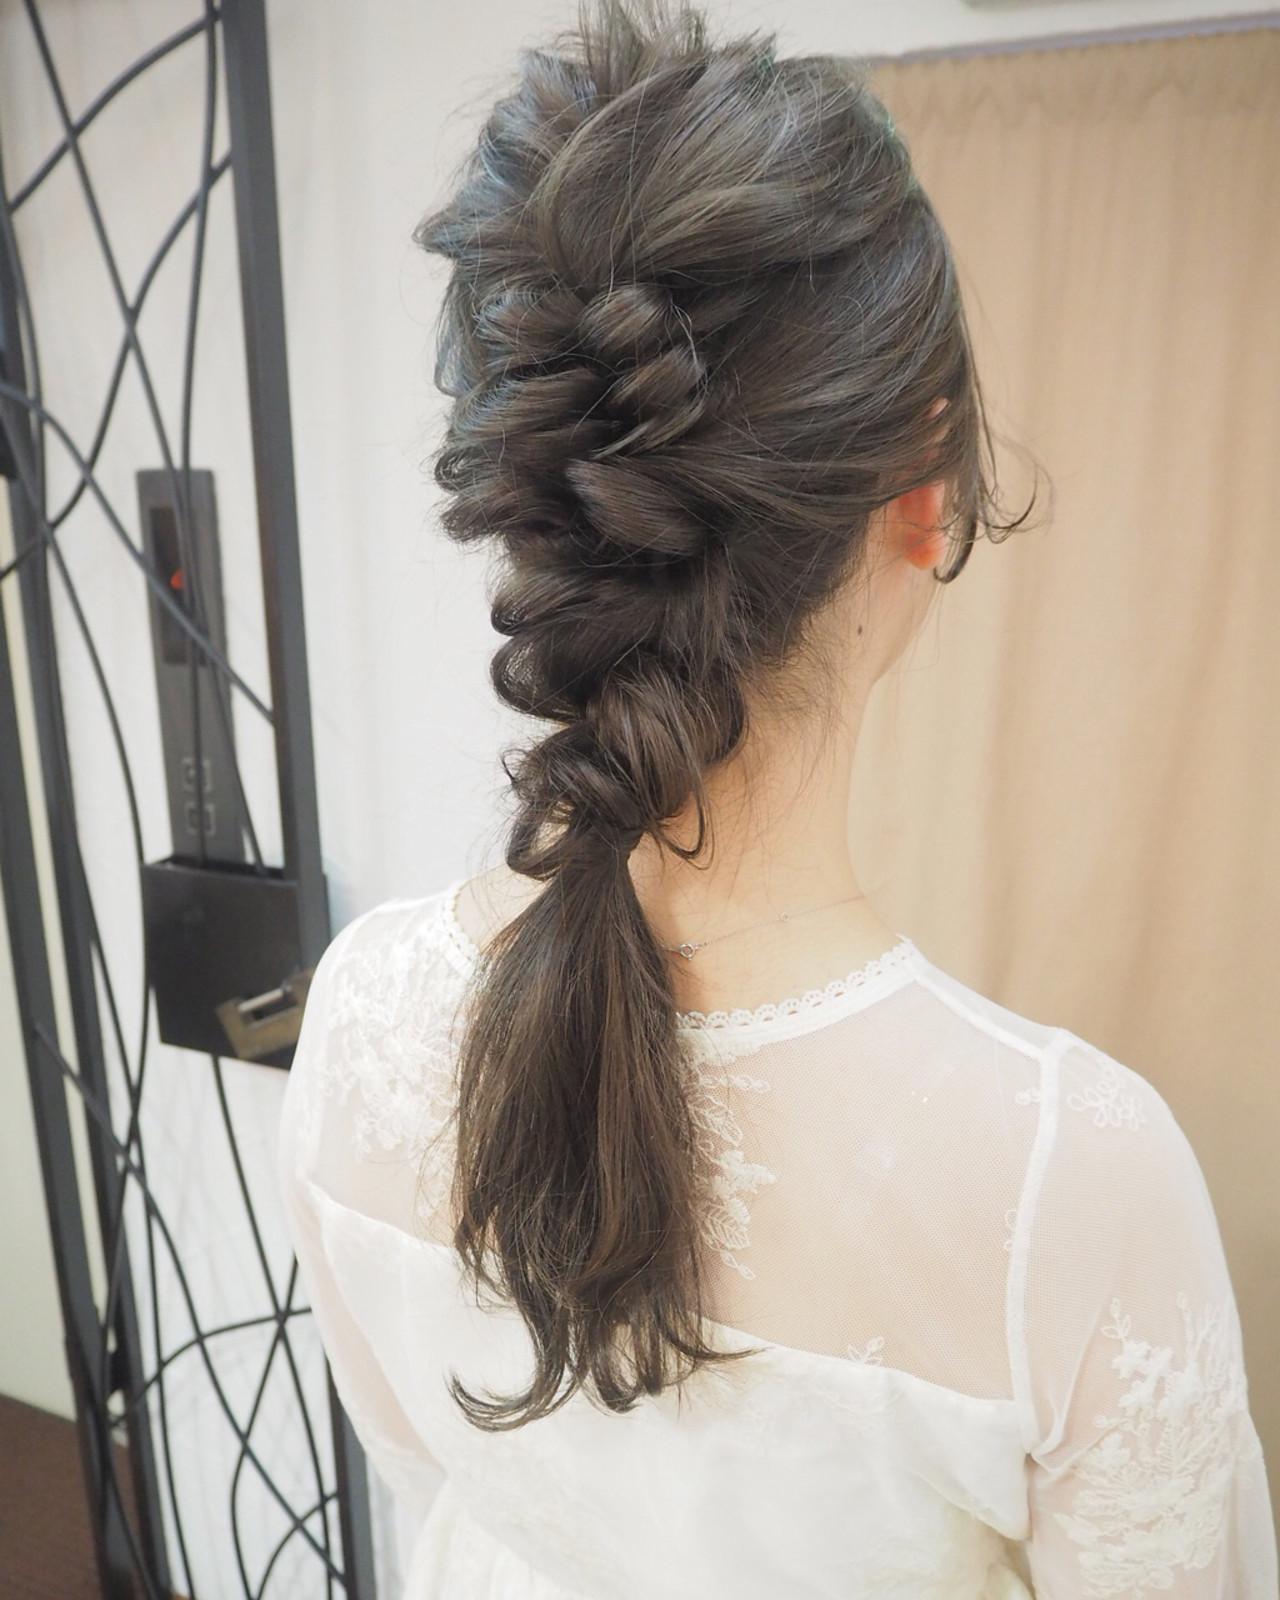 ナチュラル 結婚式 くるりんぱ 簡単ヘアアレンジ ヘアスタイルや髪型の写真・画像 | 宮迫 真美 / airfeel